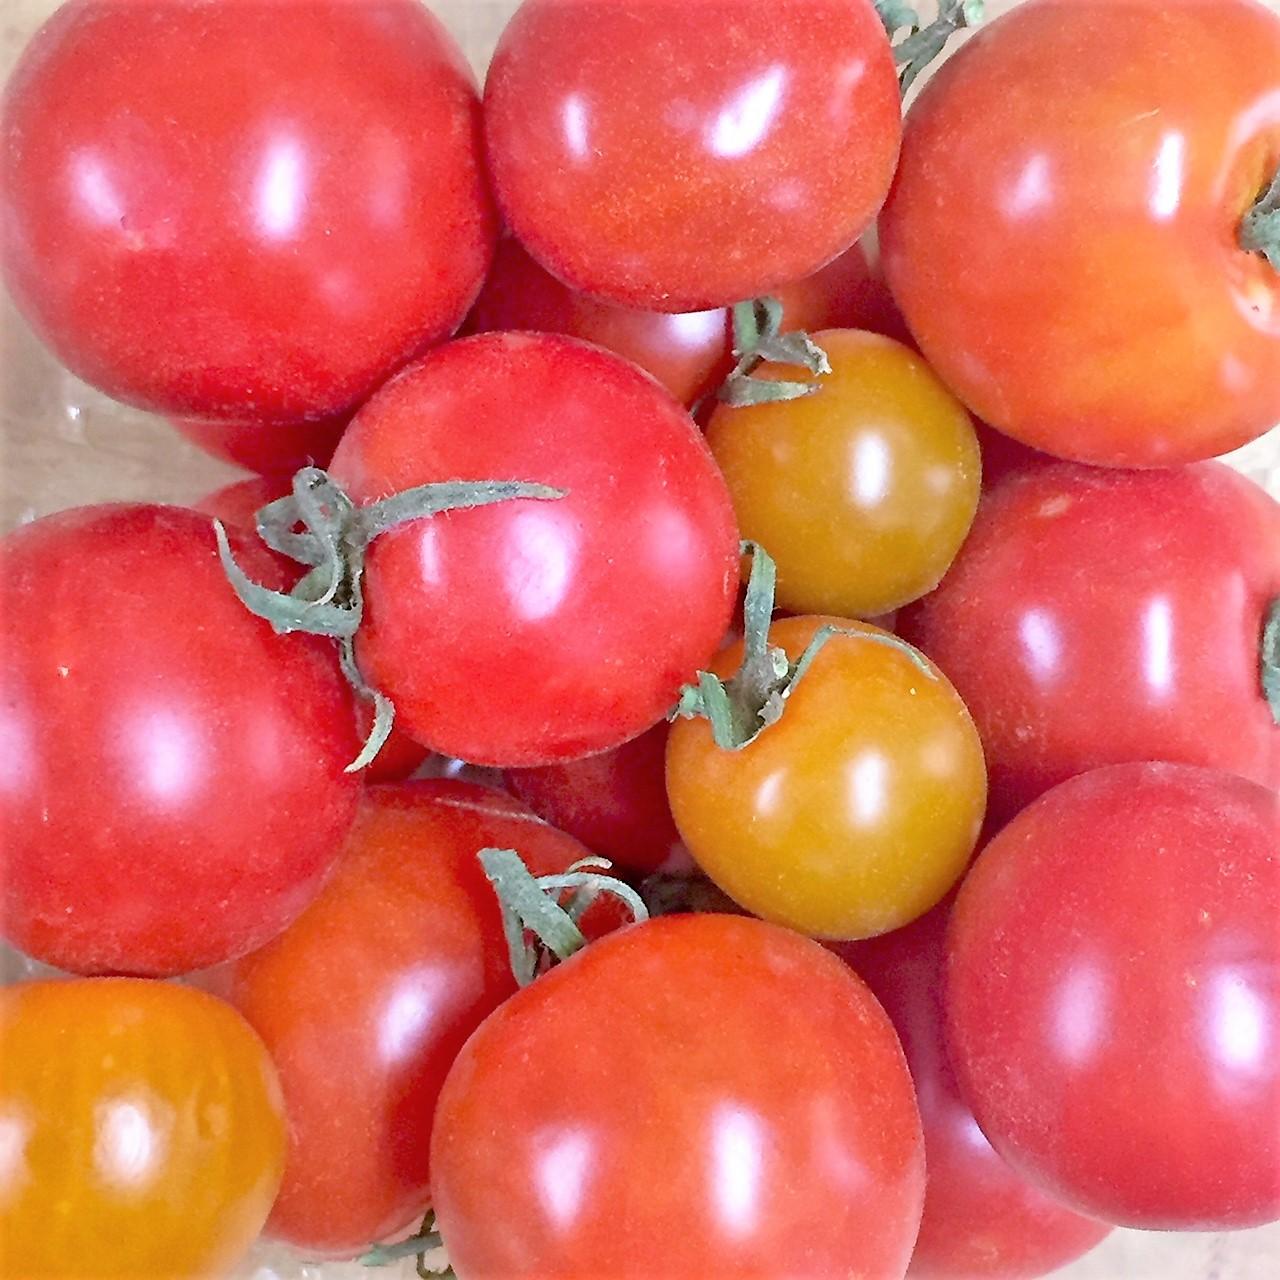 http://blueskyorganicfarms.com/wp-content/uploads/2018/09/AO_Cherry-Tomatoes.jpg